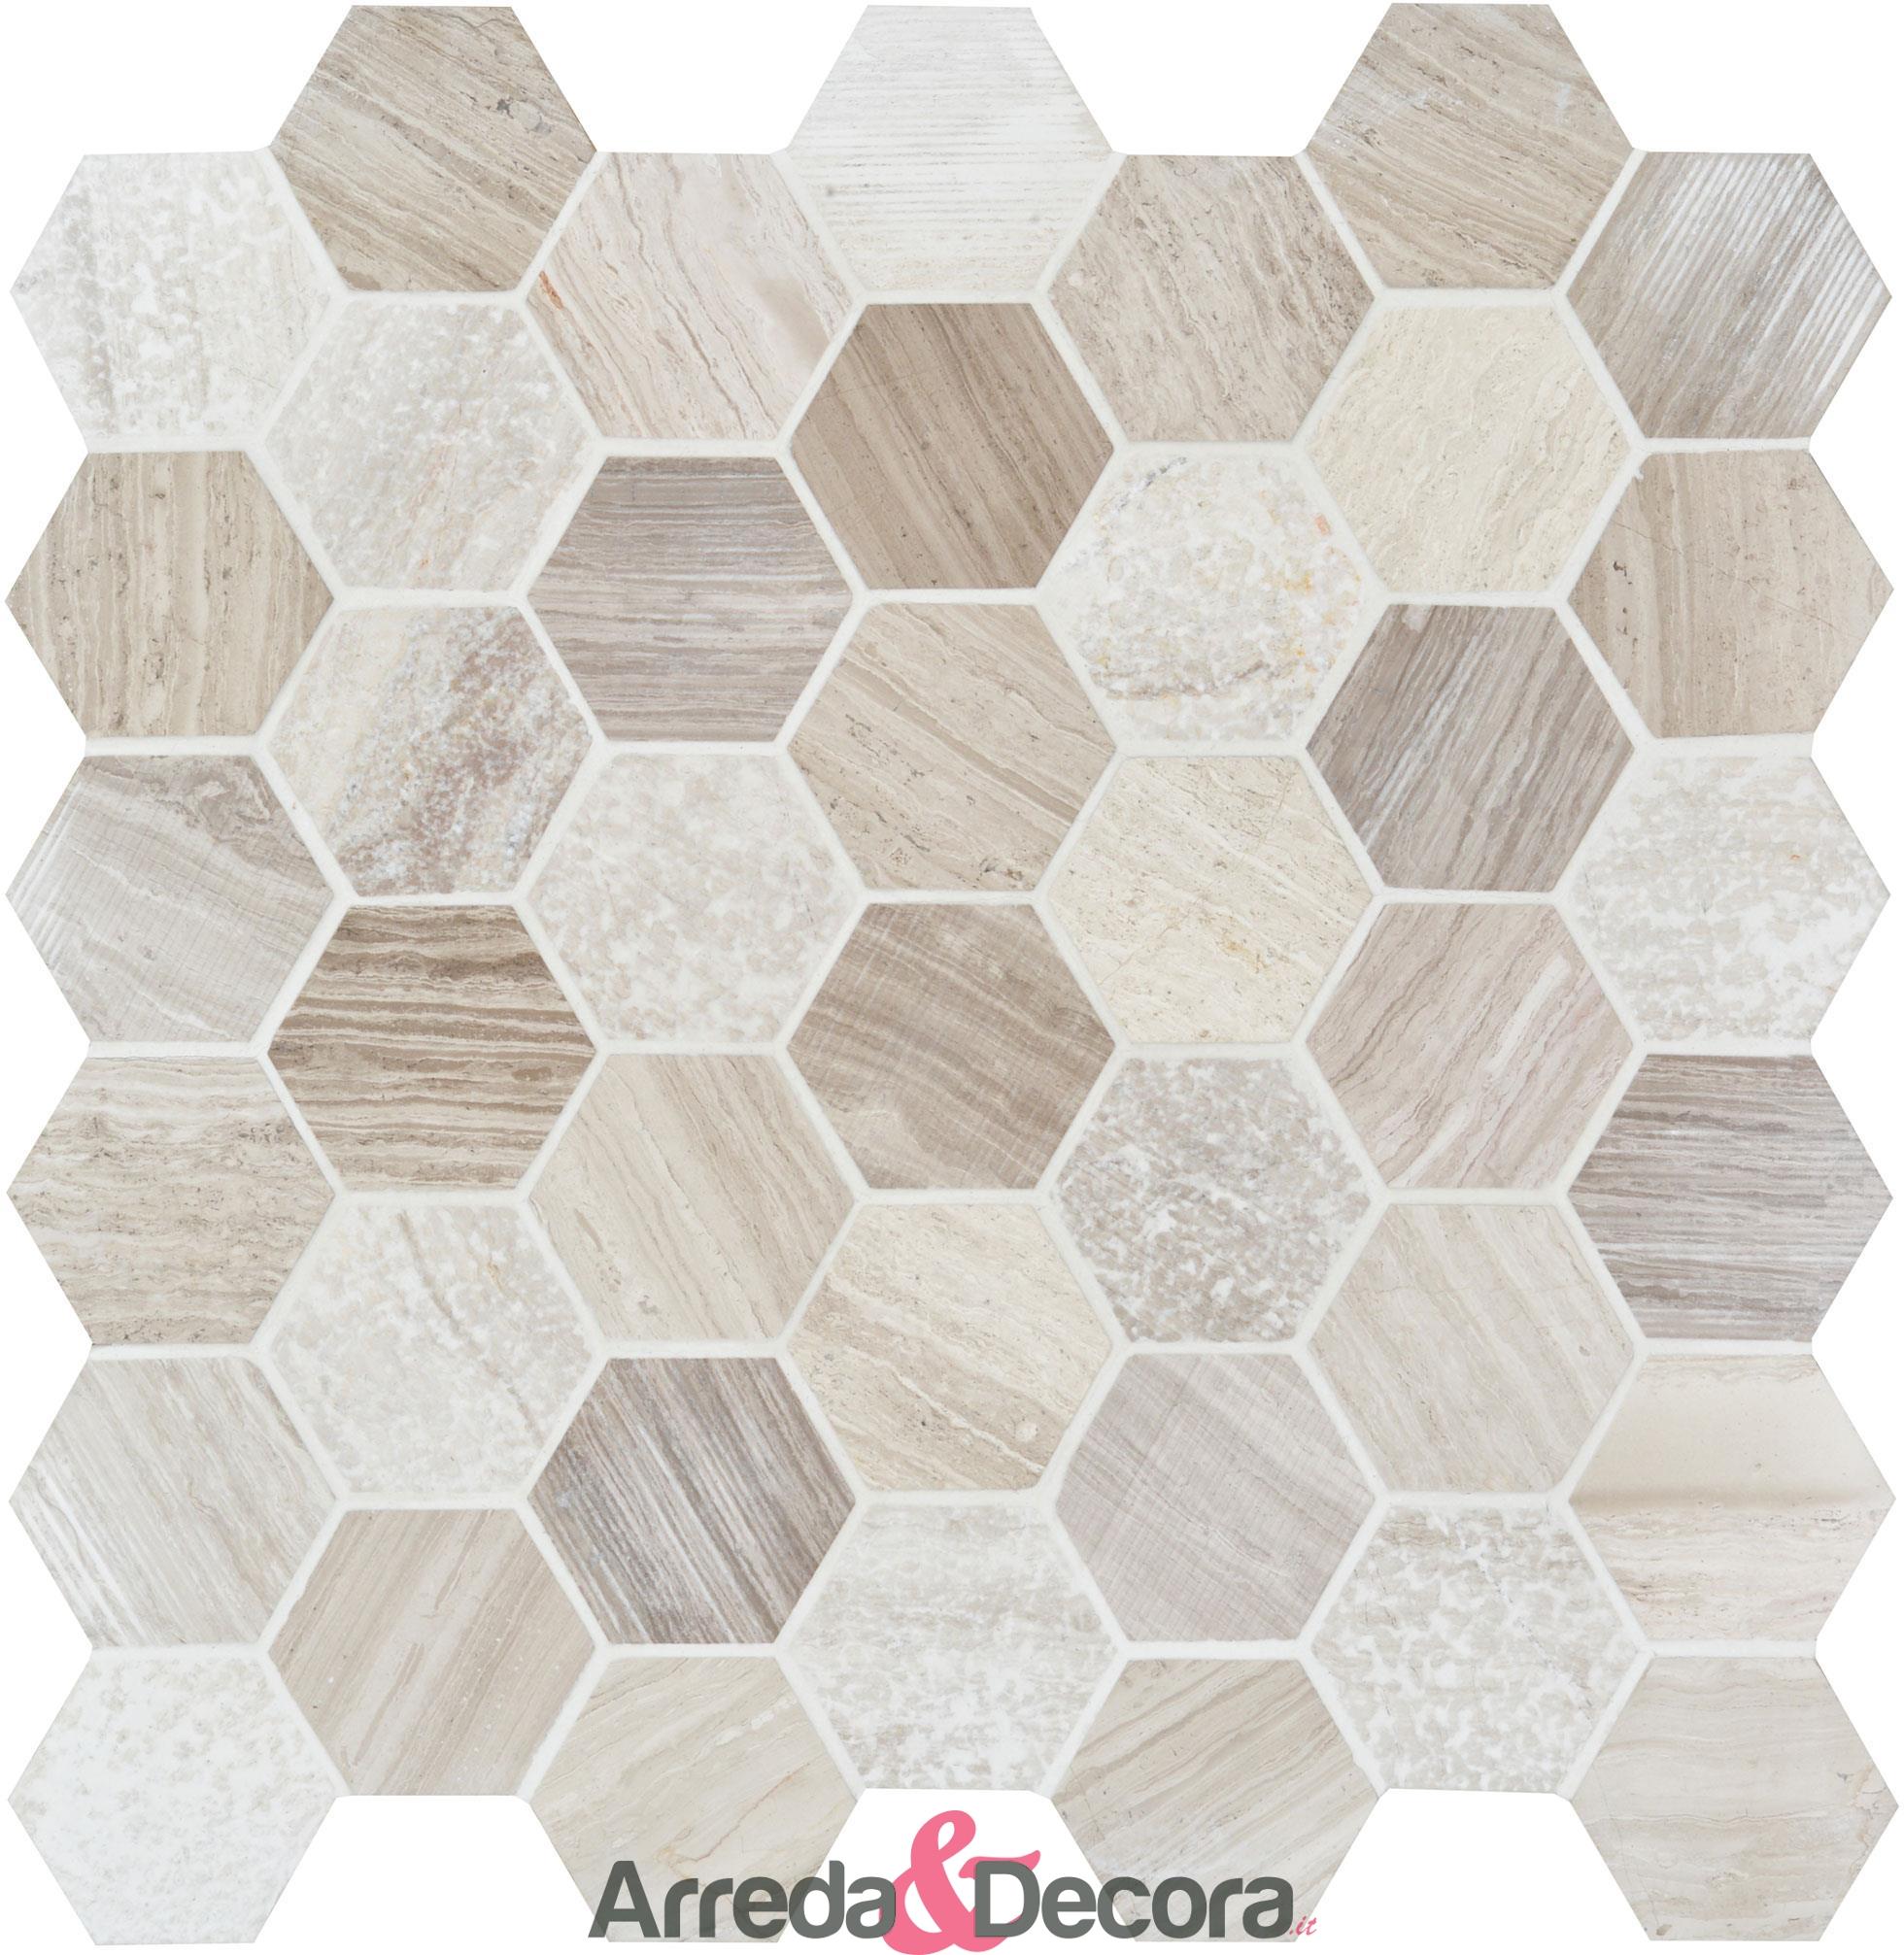 mosaico-esagonale-in-marmo-beige